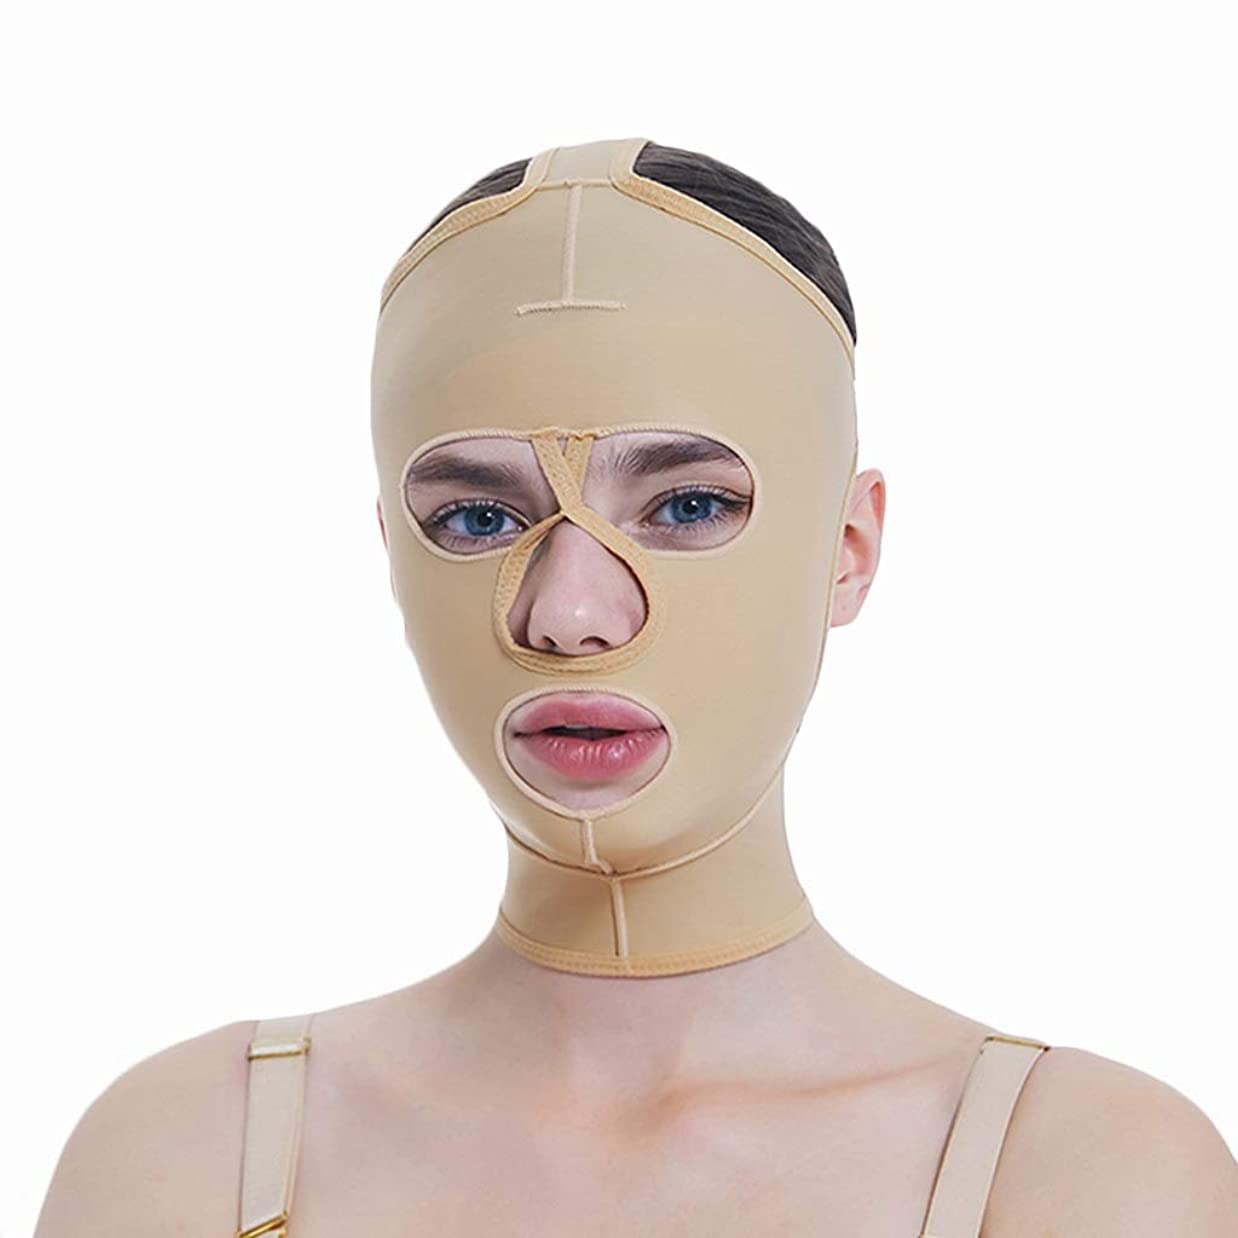 素晴らしき故障中憎しみフェイシャル減量マスク、フルカバレッジ包帯、フルフェイスリフティングマスク、フェイスマスク、快適で リフティングシェーピング(サイズ:S),M